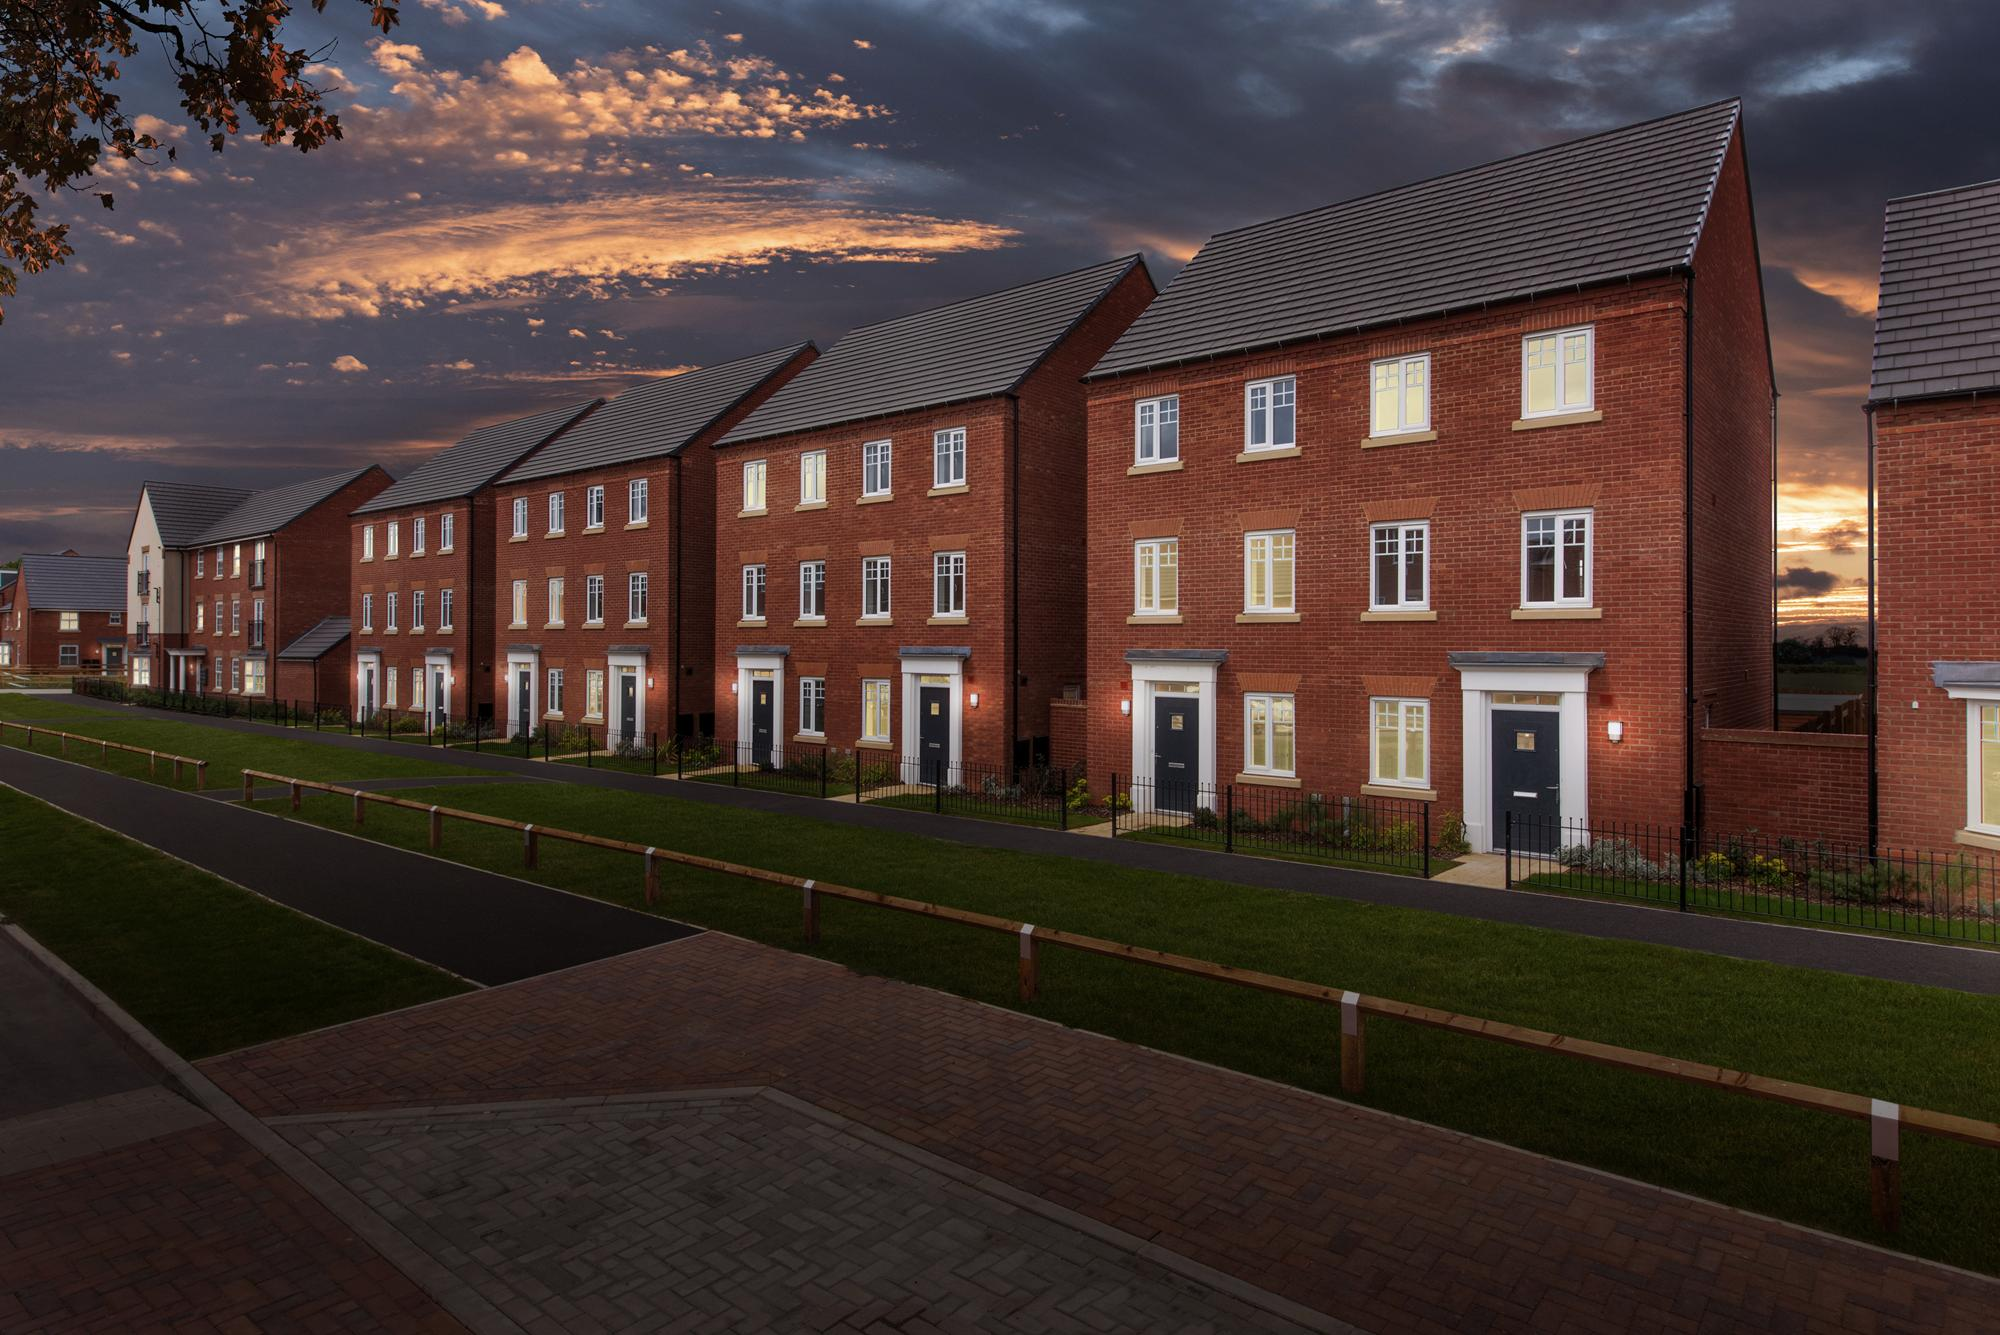 New Build Homes in Vespasian Road